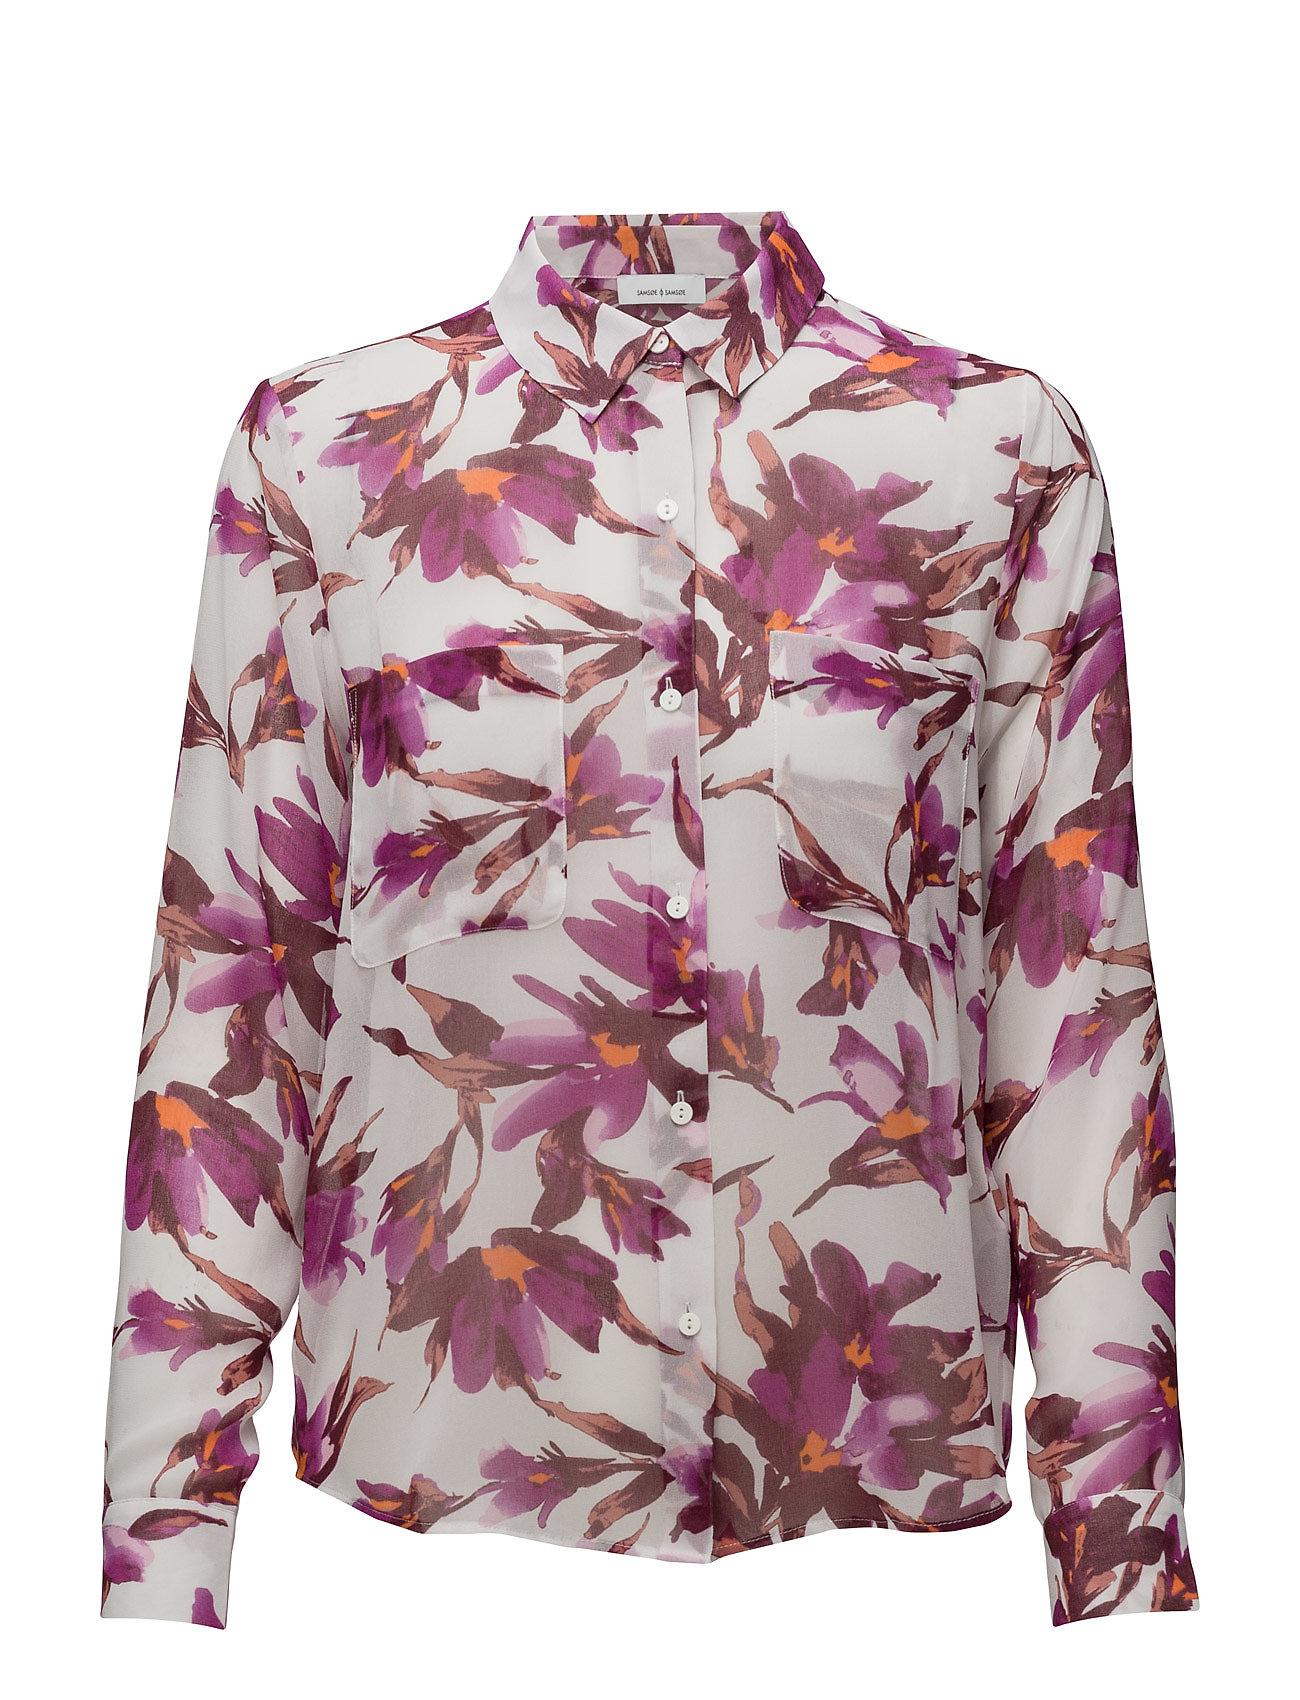 Samsøe & Samsøe Molly shirt aop 6144